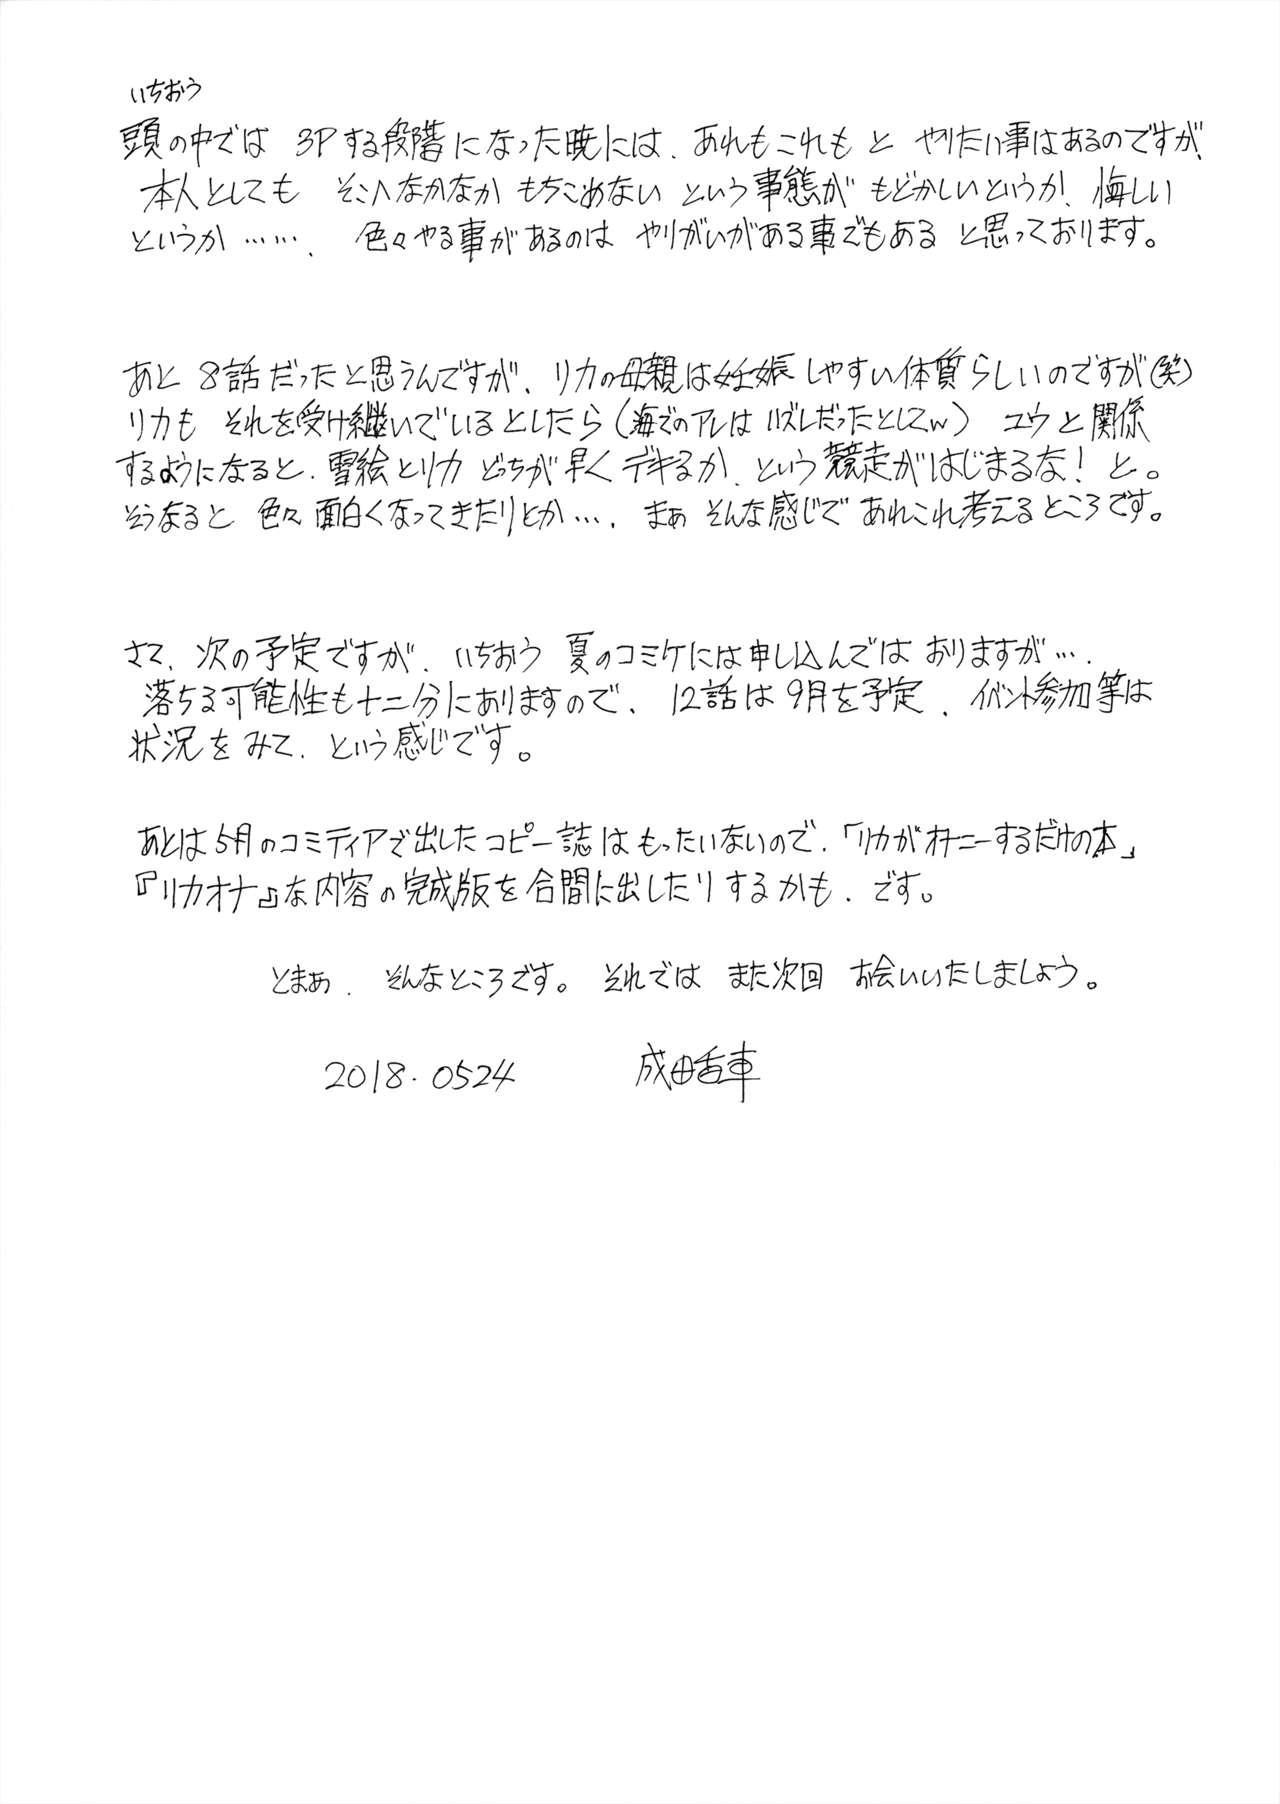 [Subesube 1kg (Narita Kyousha)] 9-Ji Kara 5-ji Made no Koibito Dai 11 wa - Nine to Five Lover [English] [Fated Circle] 32